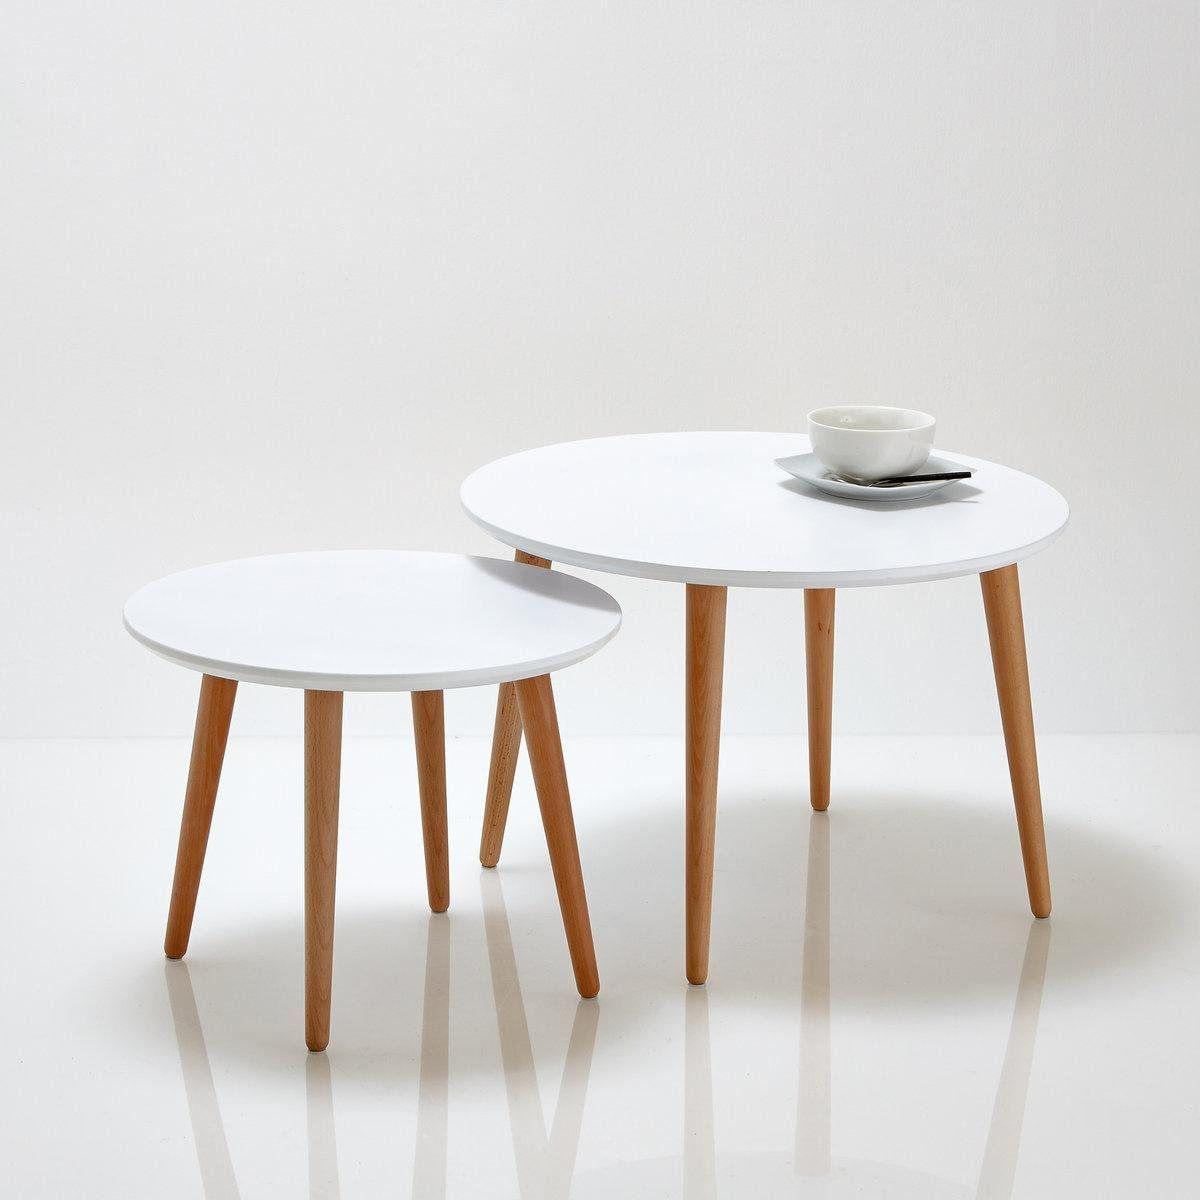 Table Basse Jimi La Redoute 2 Chambre Lana Pinterest Deco  # Mode De Table De Basse